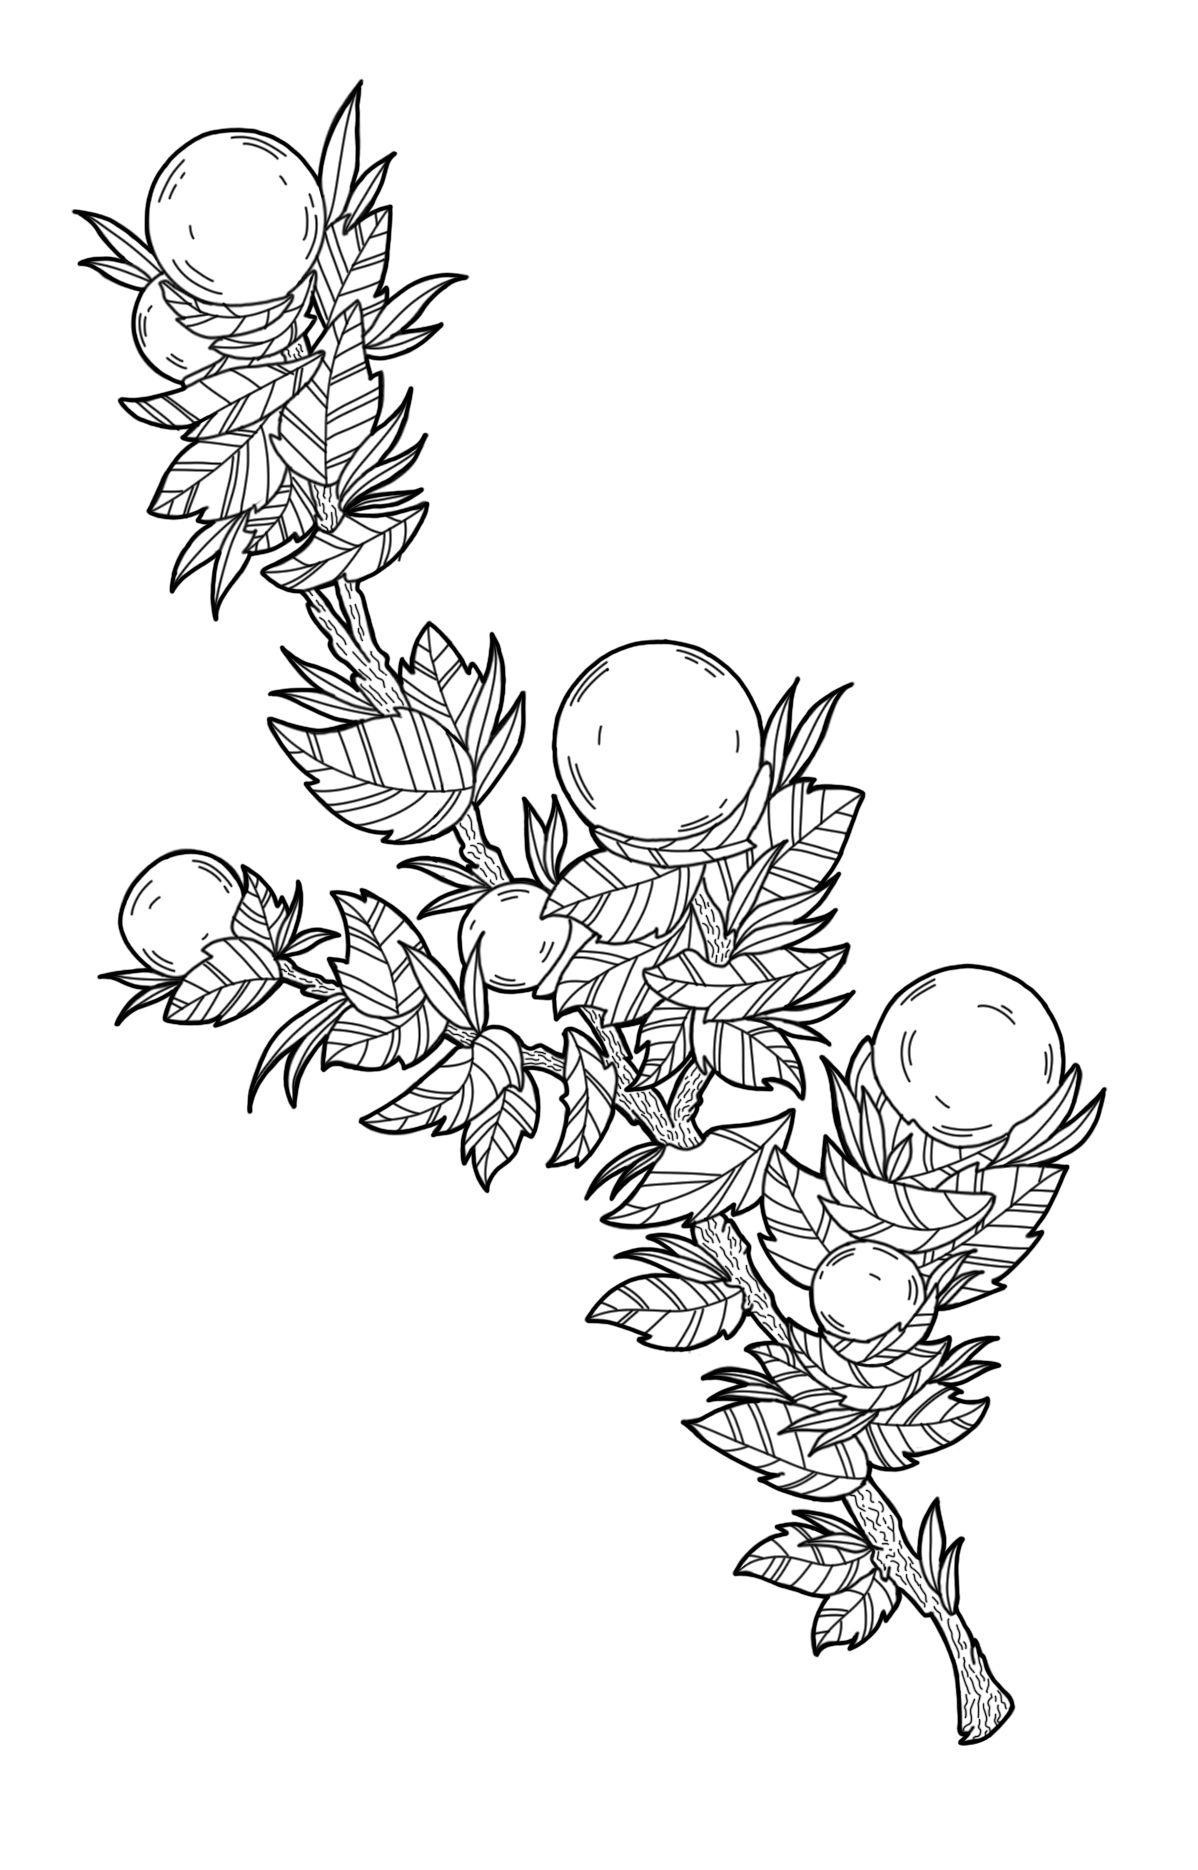 Черно белый эскиз тату с цветами: Эскиз цветов Эскиз растений Эскиз ветки Тату эскиз цветов